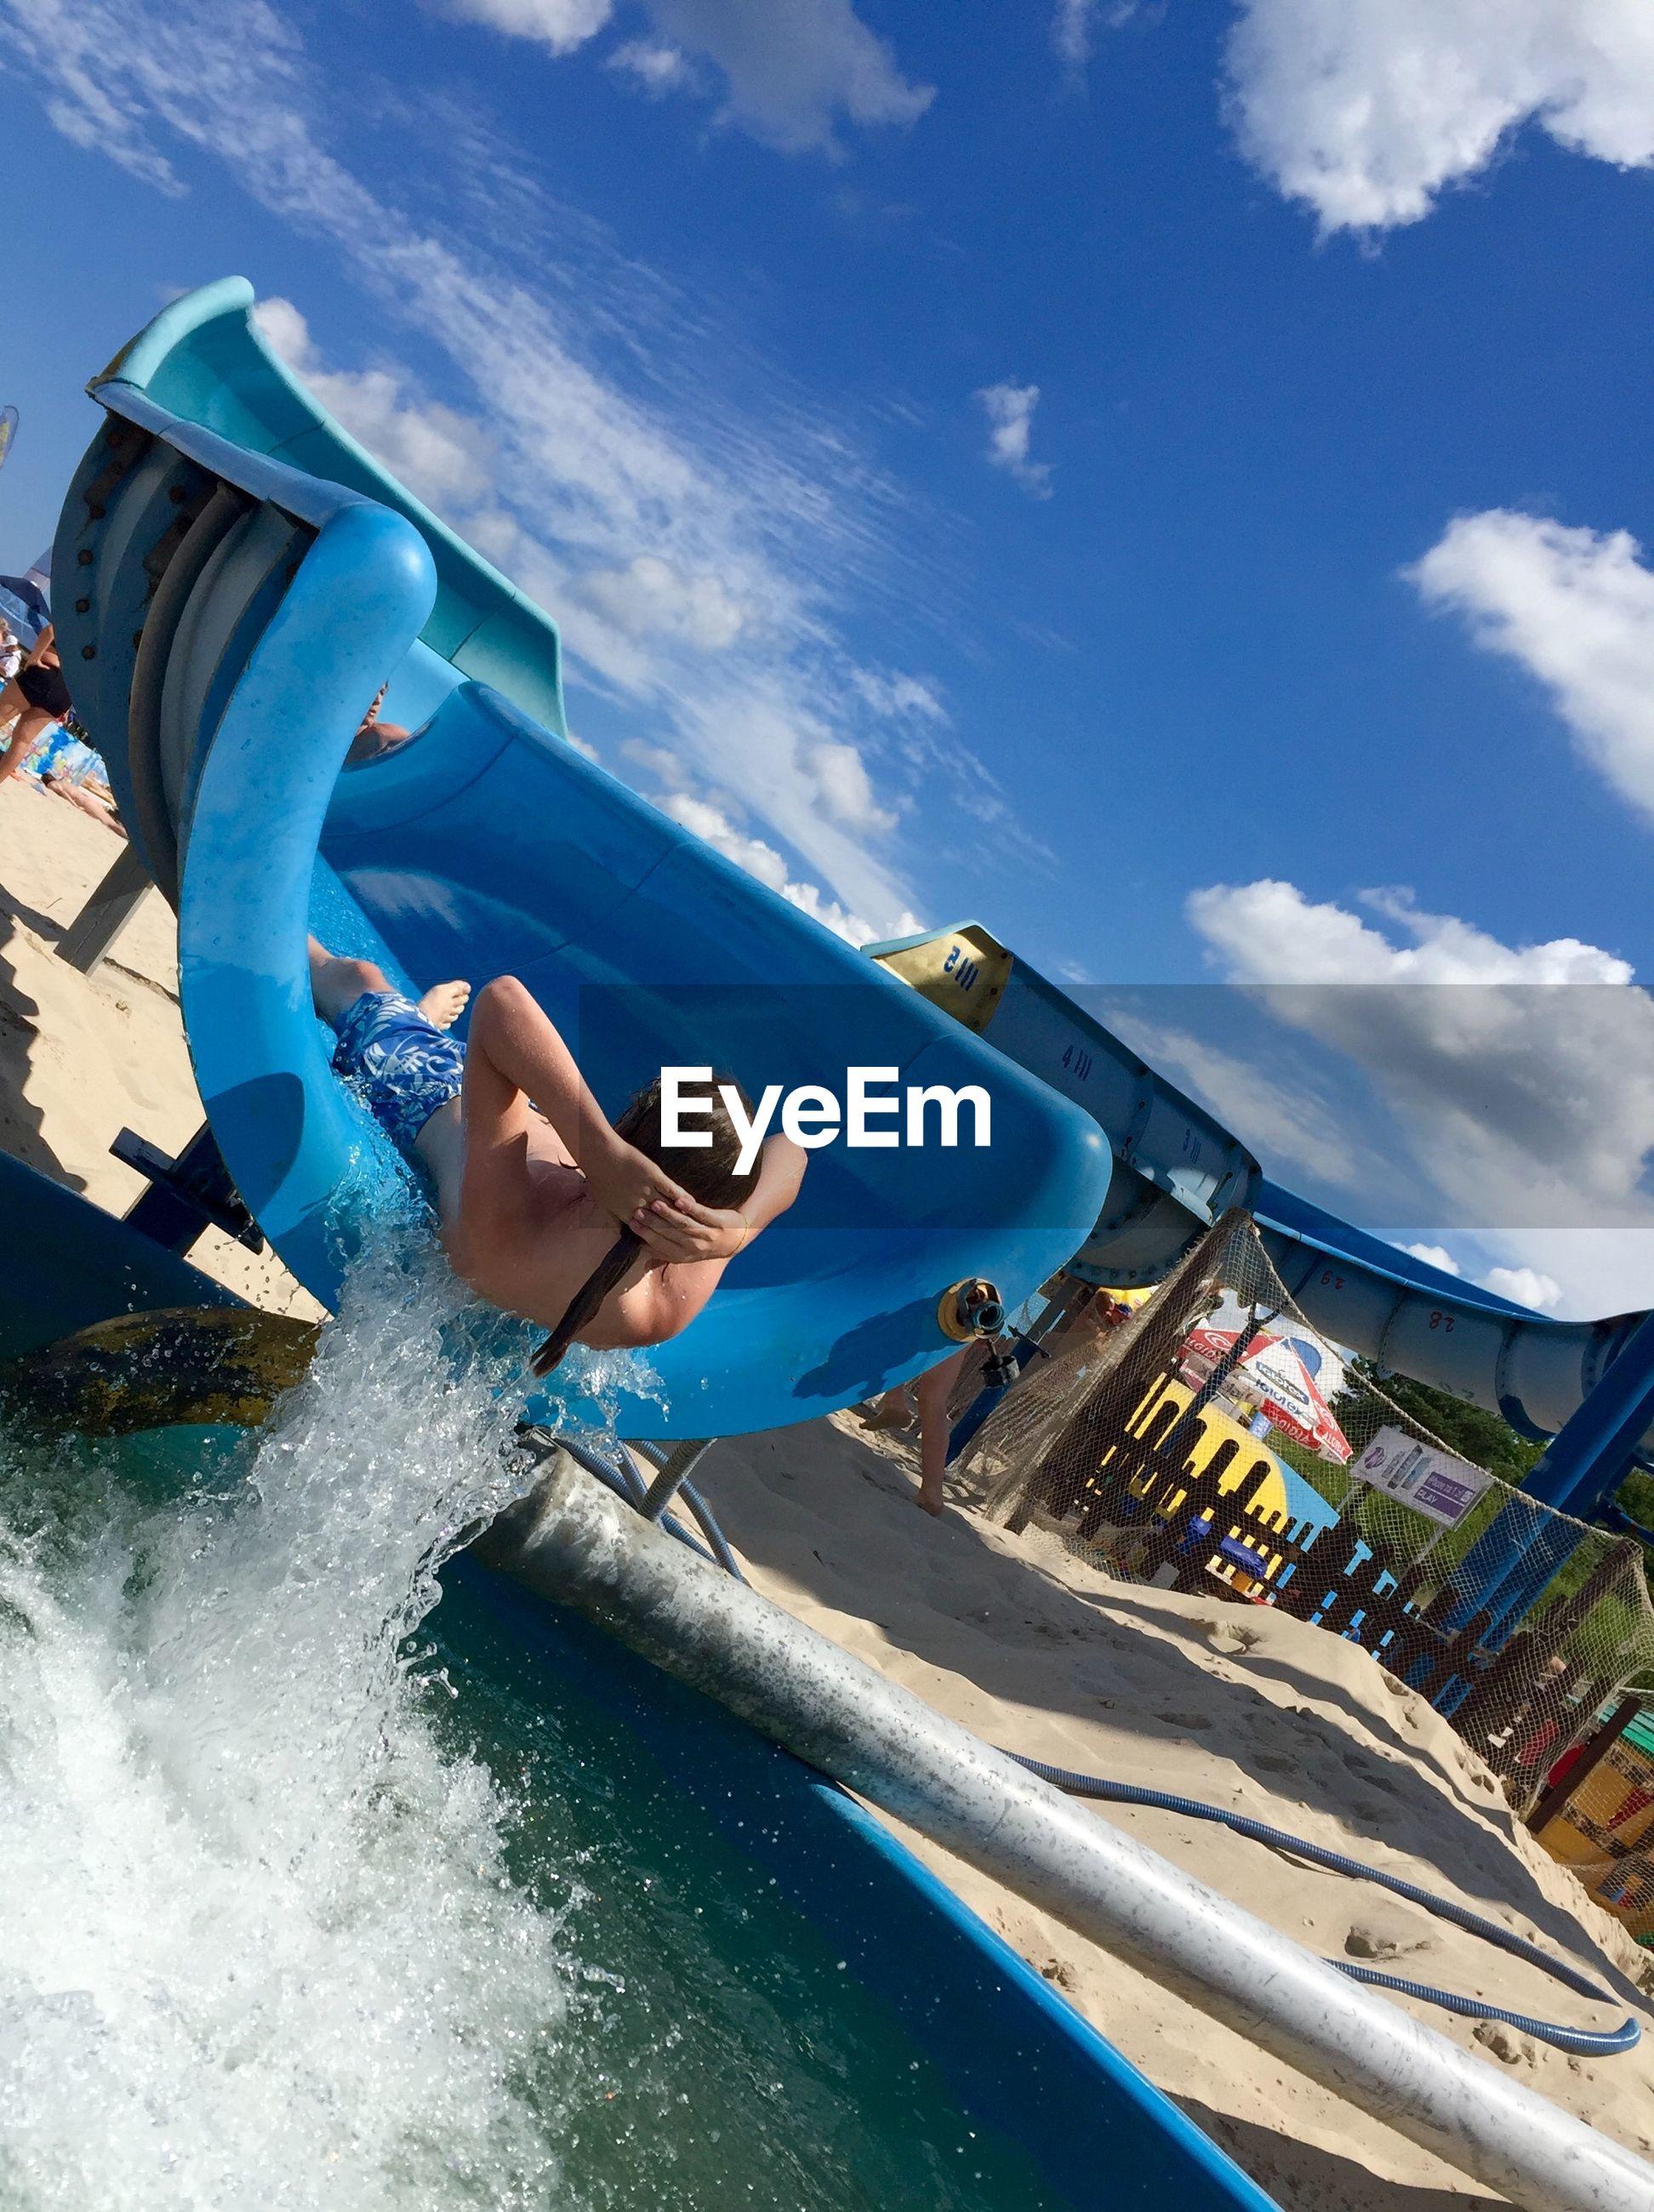 Man enjoying on slide at water park